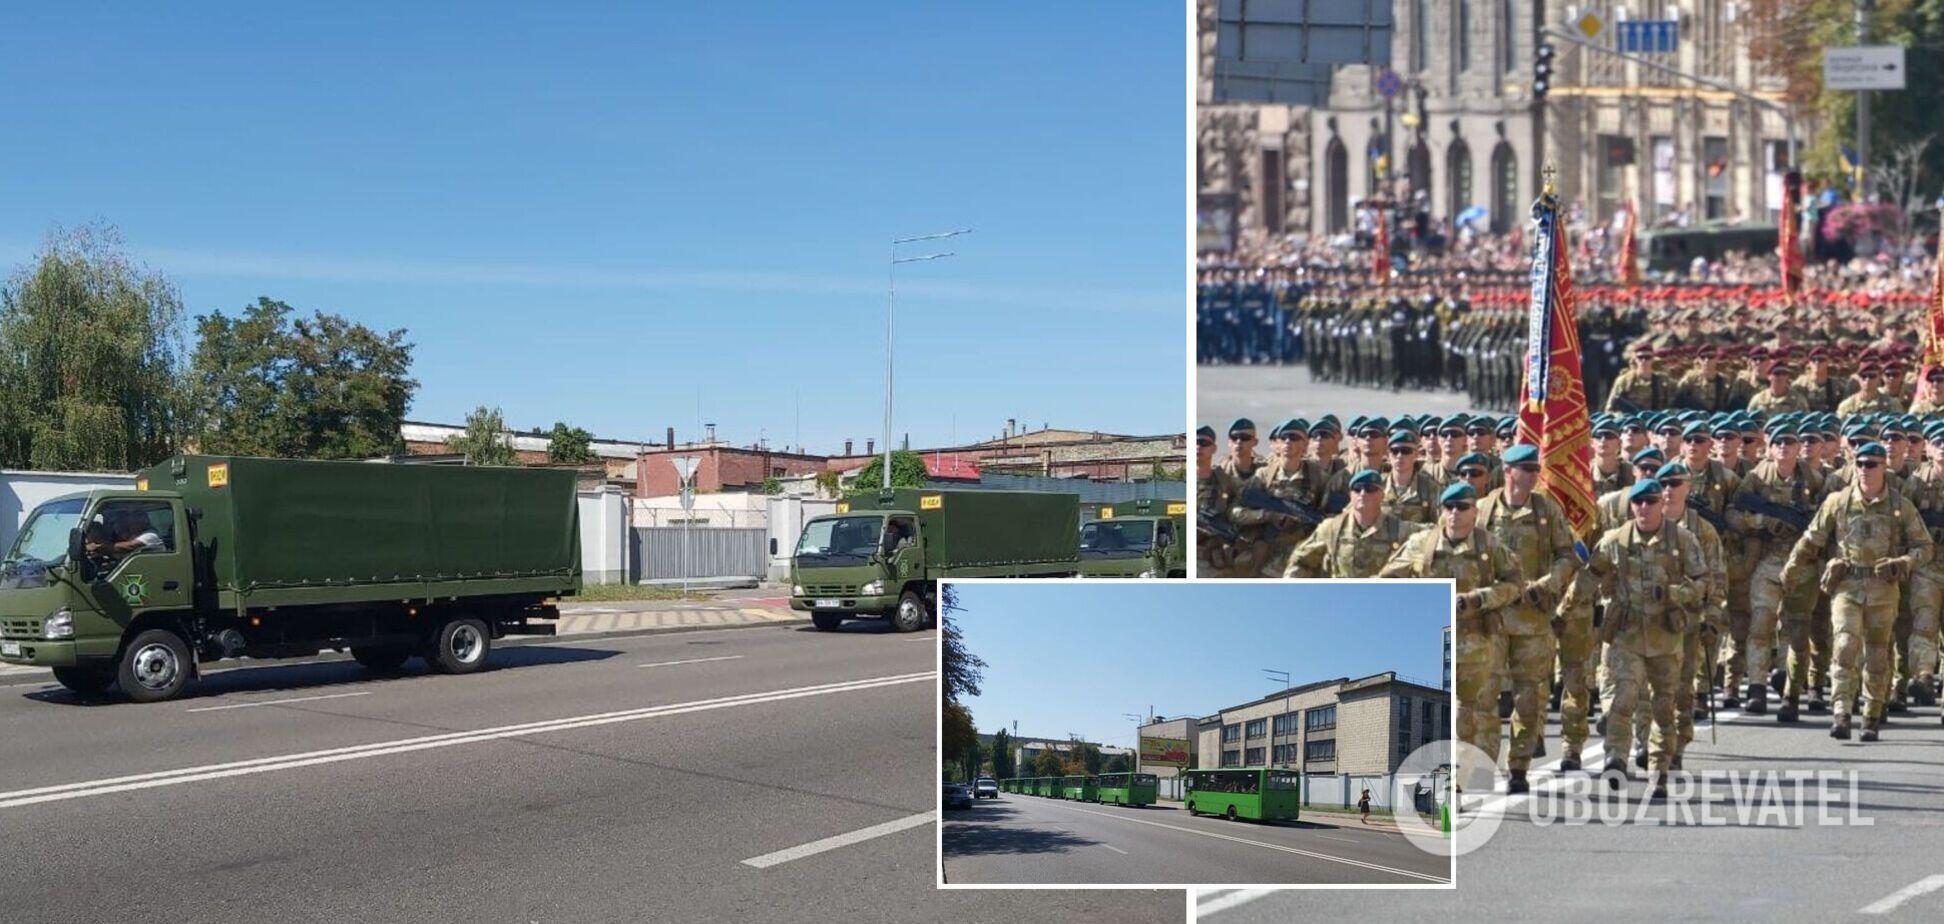 Появились фото и видео с украинскими военным, которые готовятся к параду в Киеве